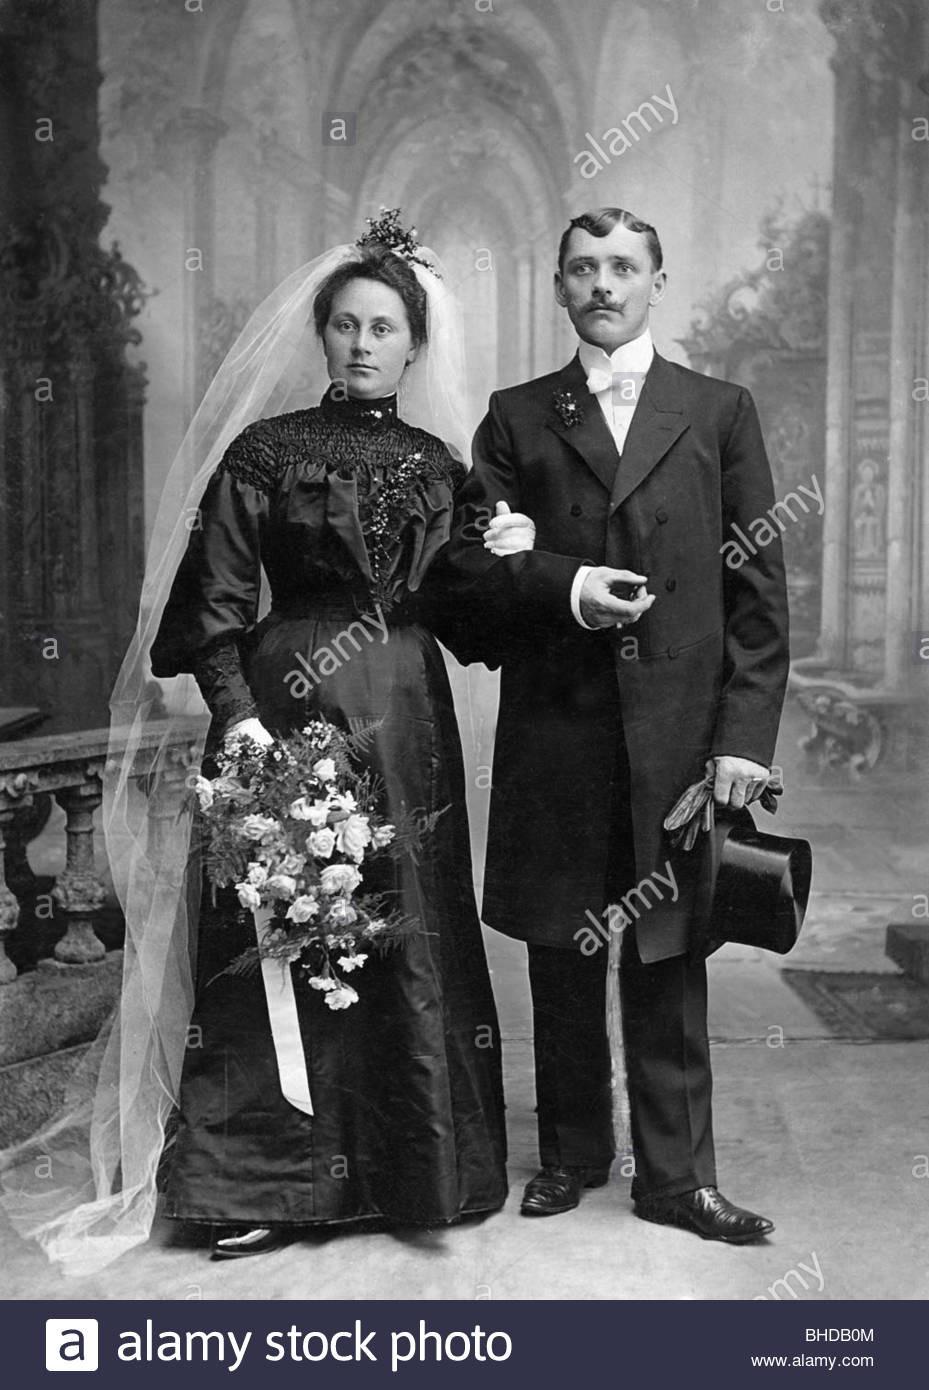 Menschen, Paare, 1900 - 1930, Hochzeitsbild Von A. Eberwein